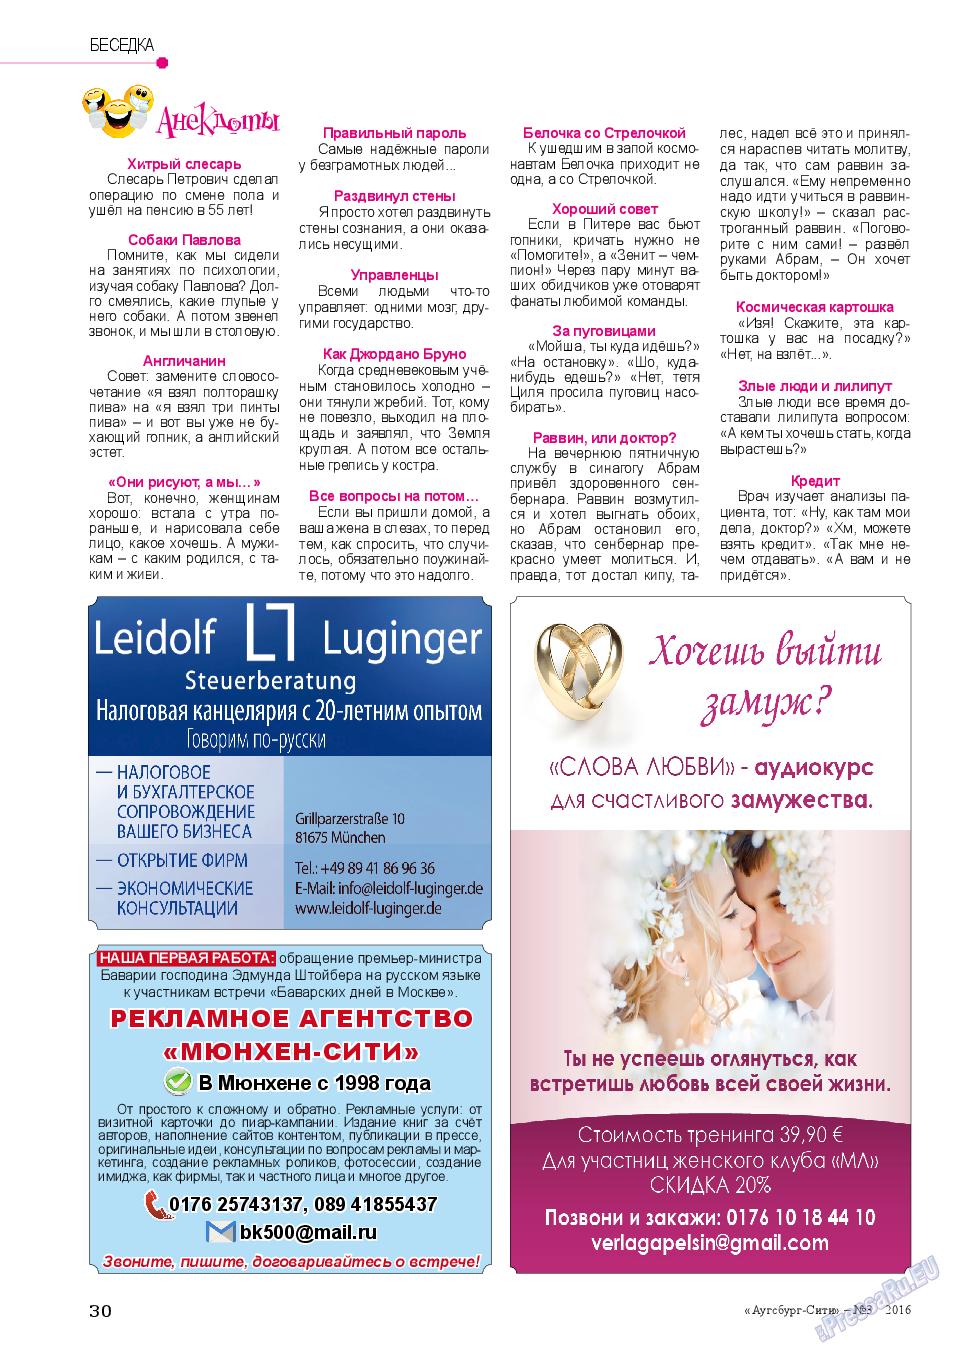 Аугсбург-сити (журнал). 2016 год, номер 3, стр. 30